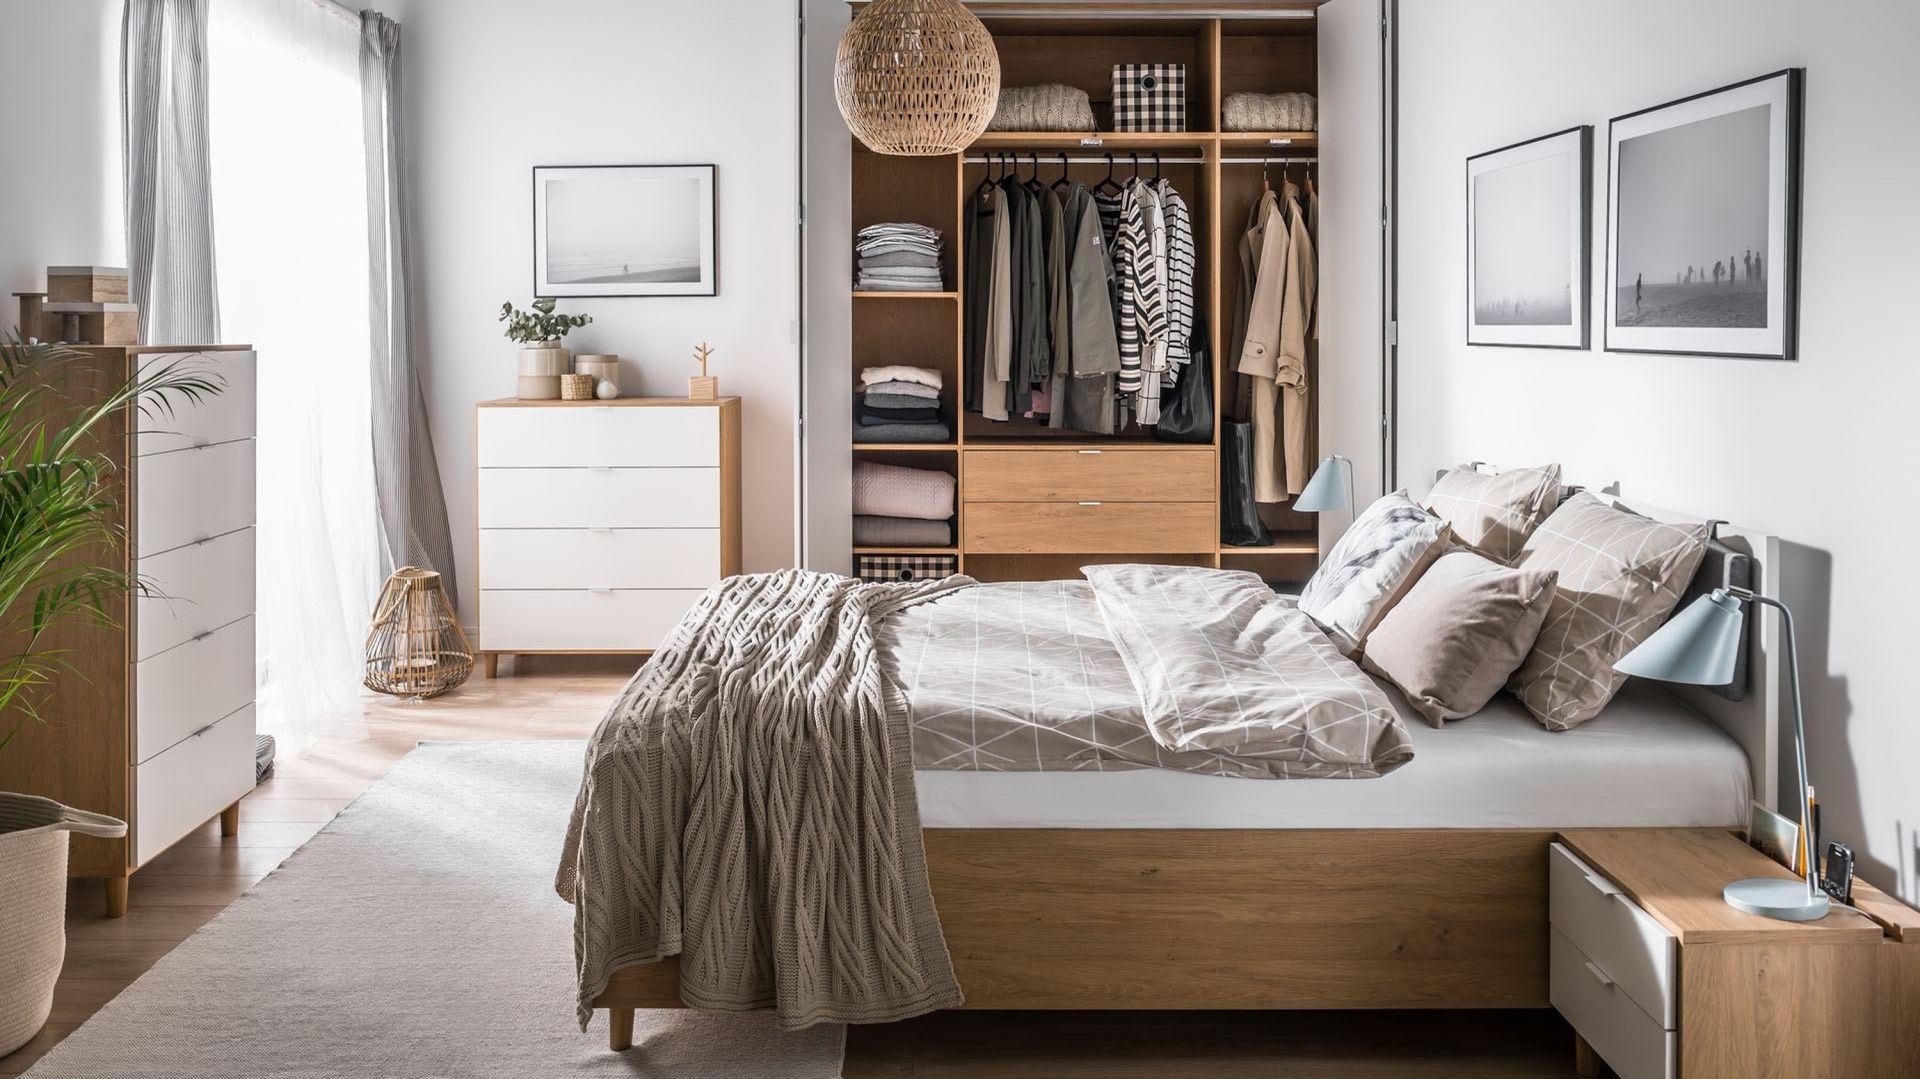 W kolekcji Simple znajdziemy szafy różnych rozmiarów - w tym duże, czterodrzwiowe. Fot. Vox